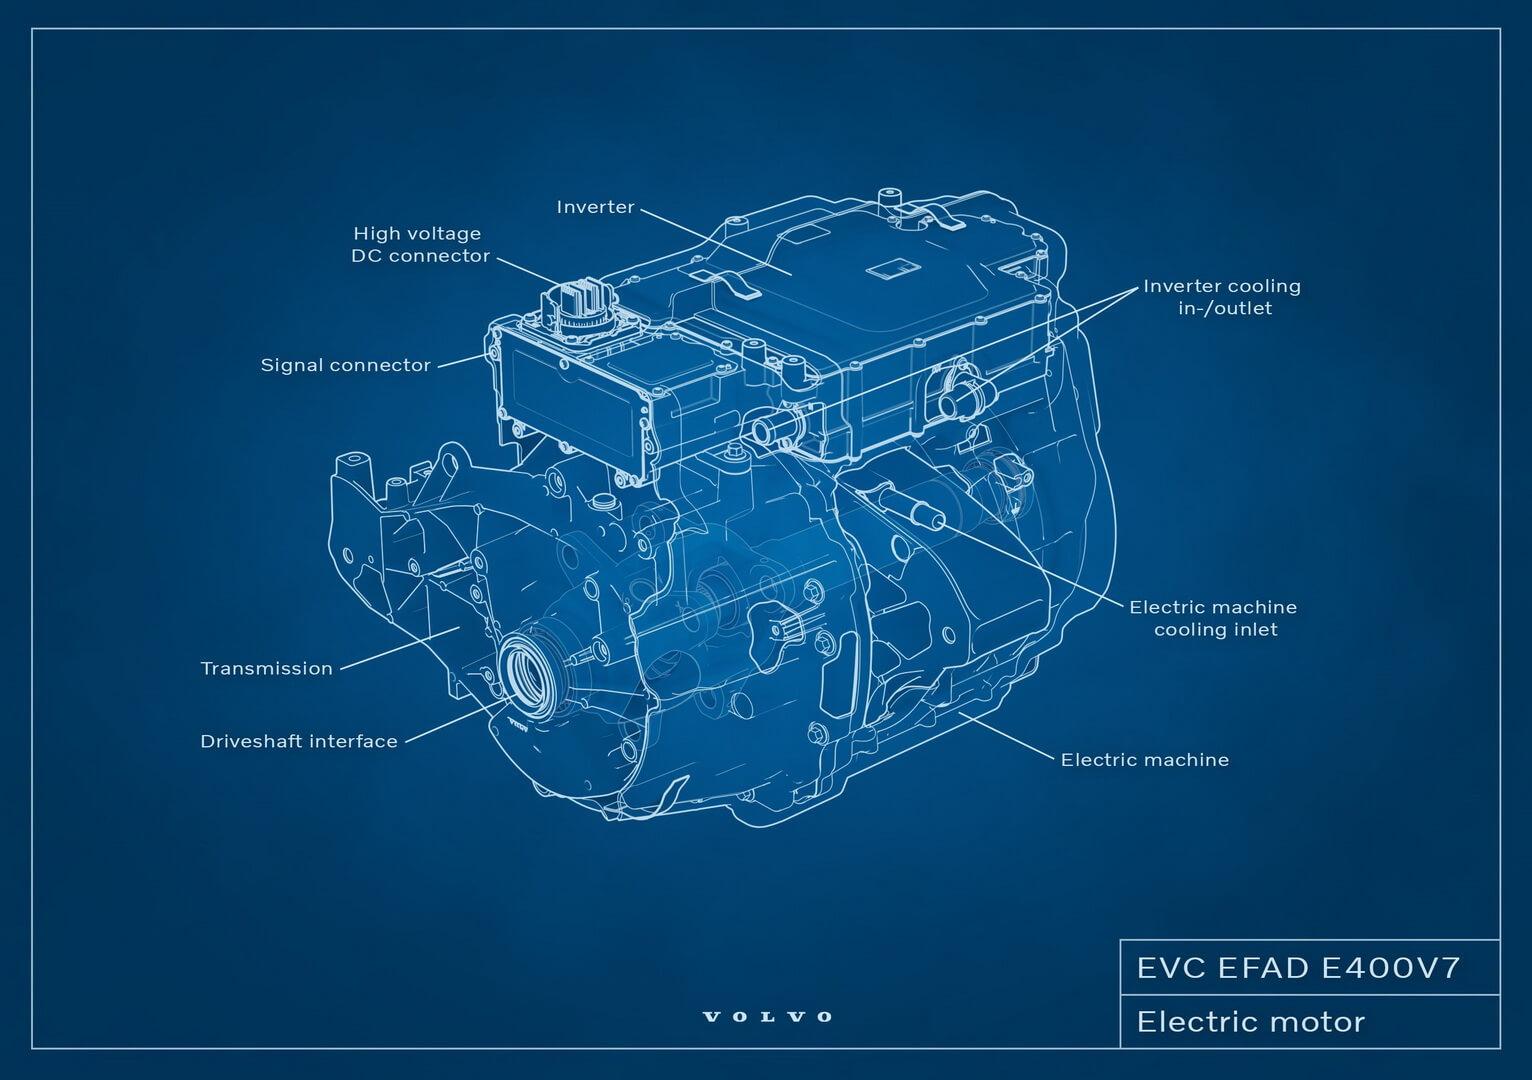 На изображении представлен привод Volvo, который объединяет электродвигатель, инвертор и односкоростную трансмиссию